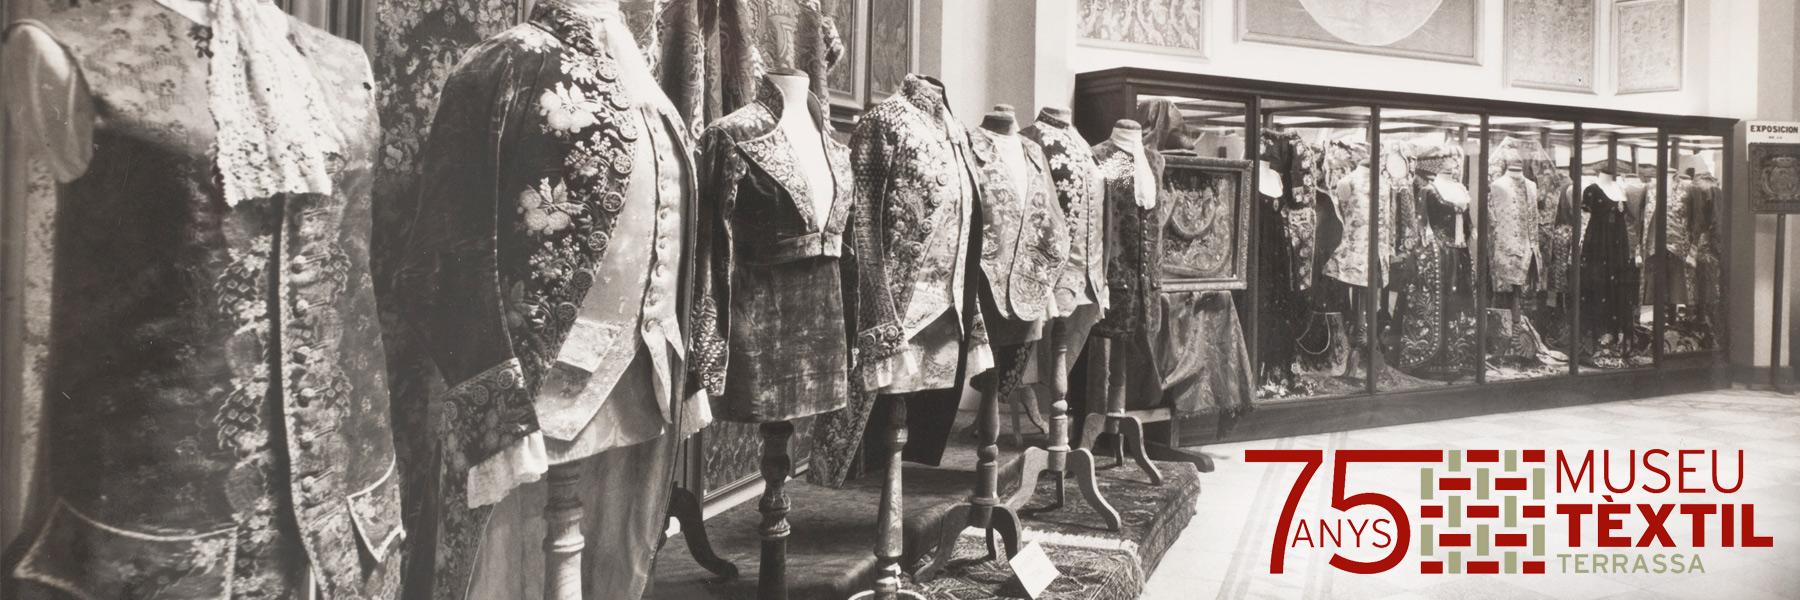 Imatge 75 anys Museu Tèxtil de Terrassa.